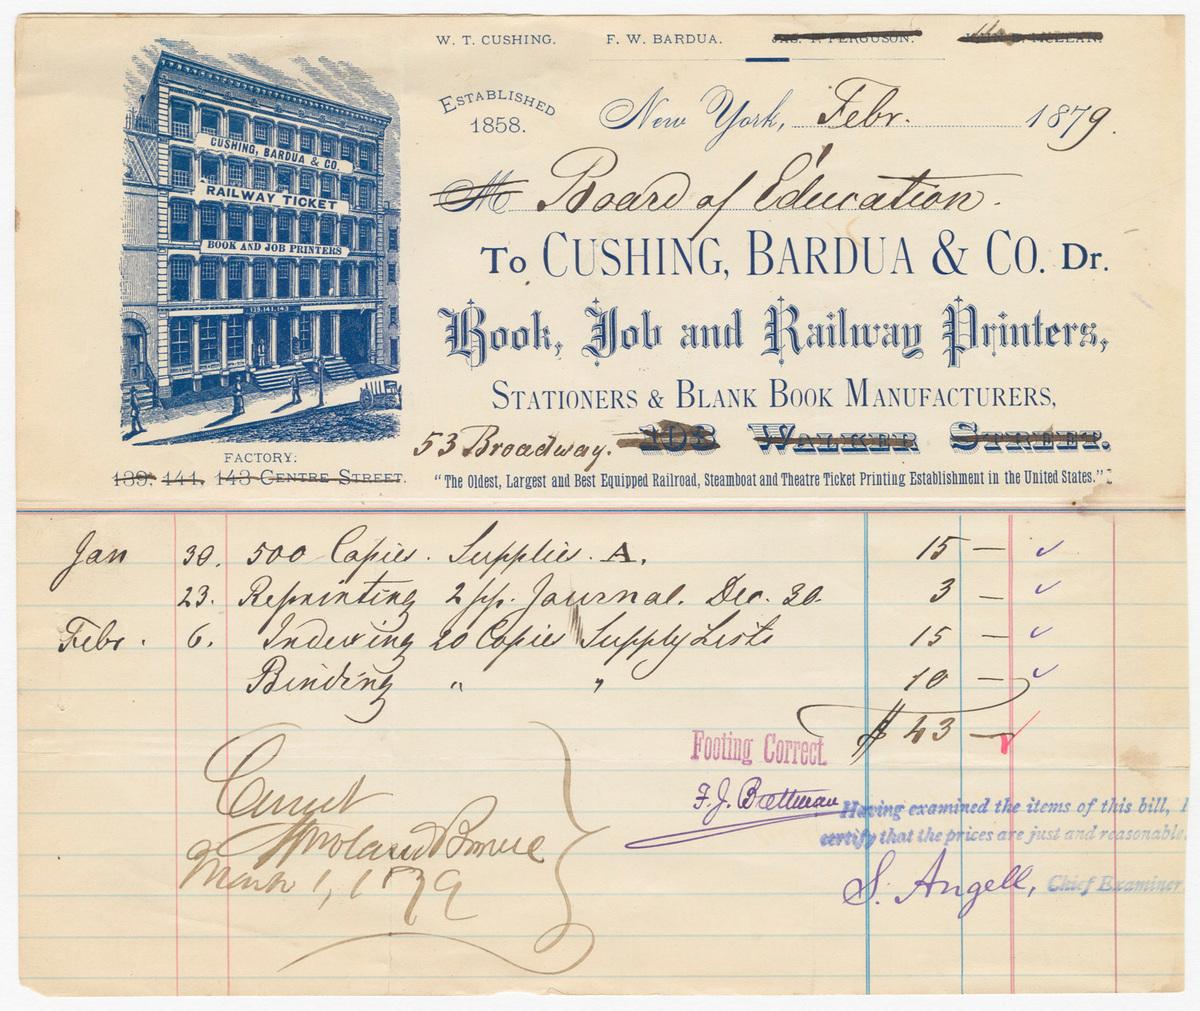 Cushing, Bardua & Co., bill or receipt